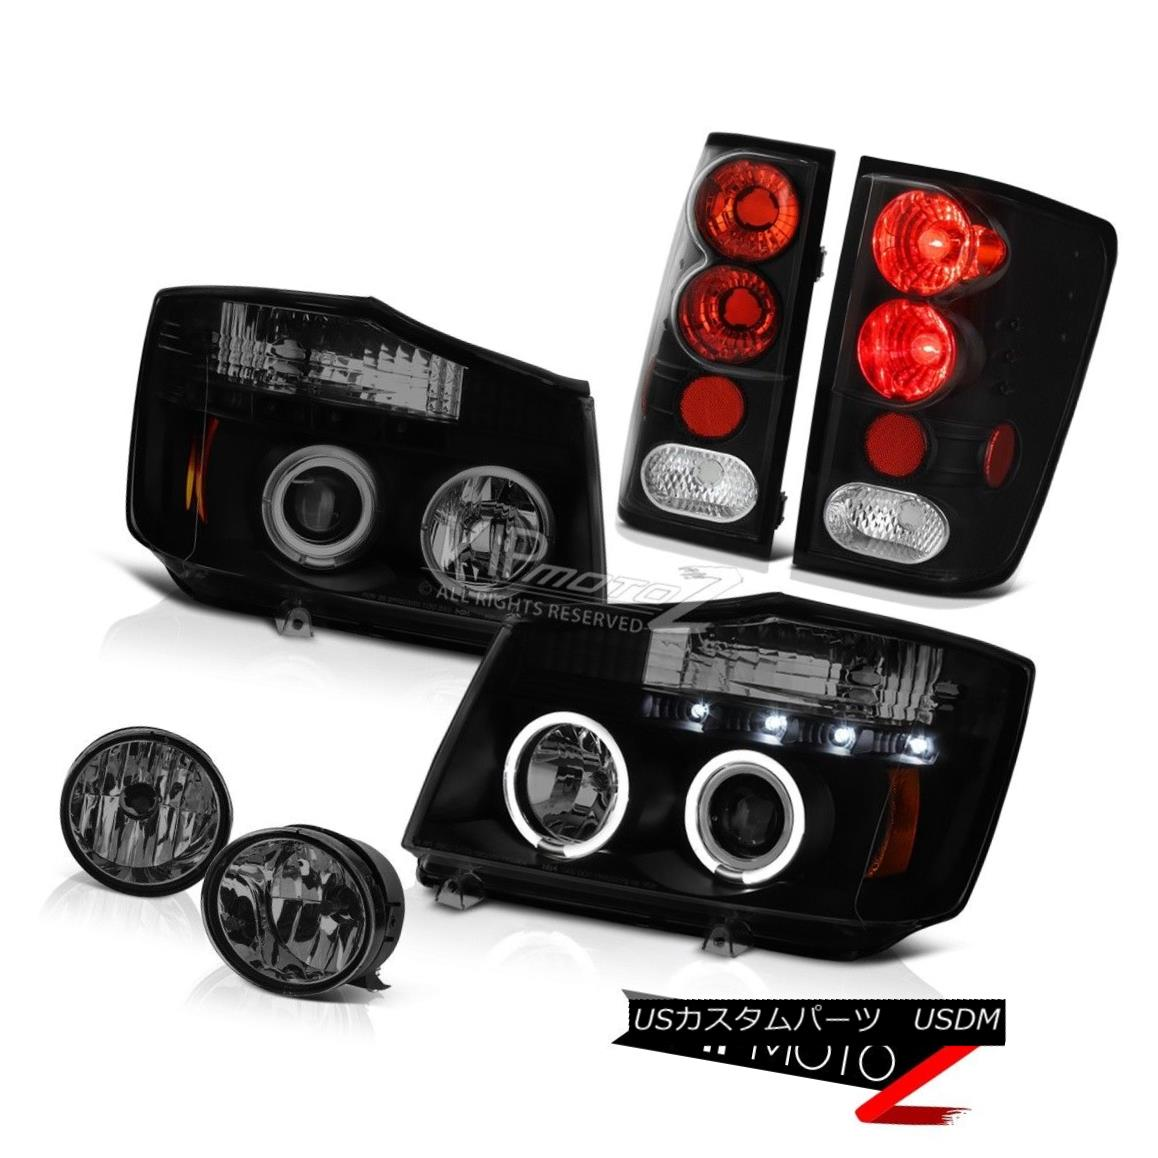 ヘッドライト For 04-15 Titan LE Smoke Headlights Tail Lights Rear Black Brake Lamps Foglamp 04?15タイタンLEスモークヘッドライトテールライトリアブラックライトランプFoglamp